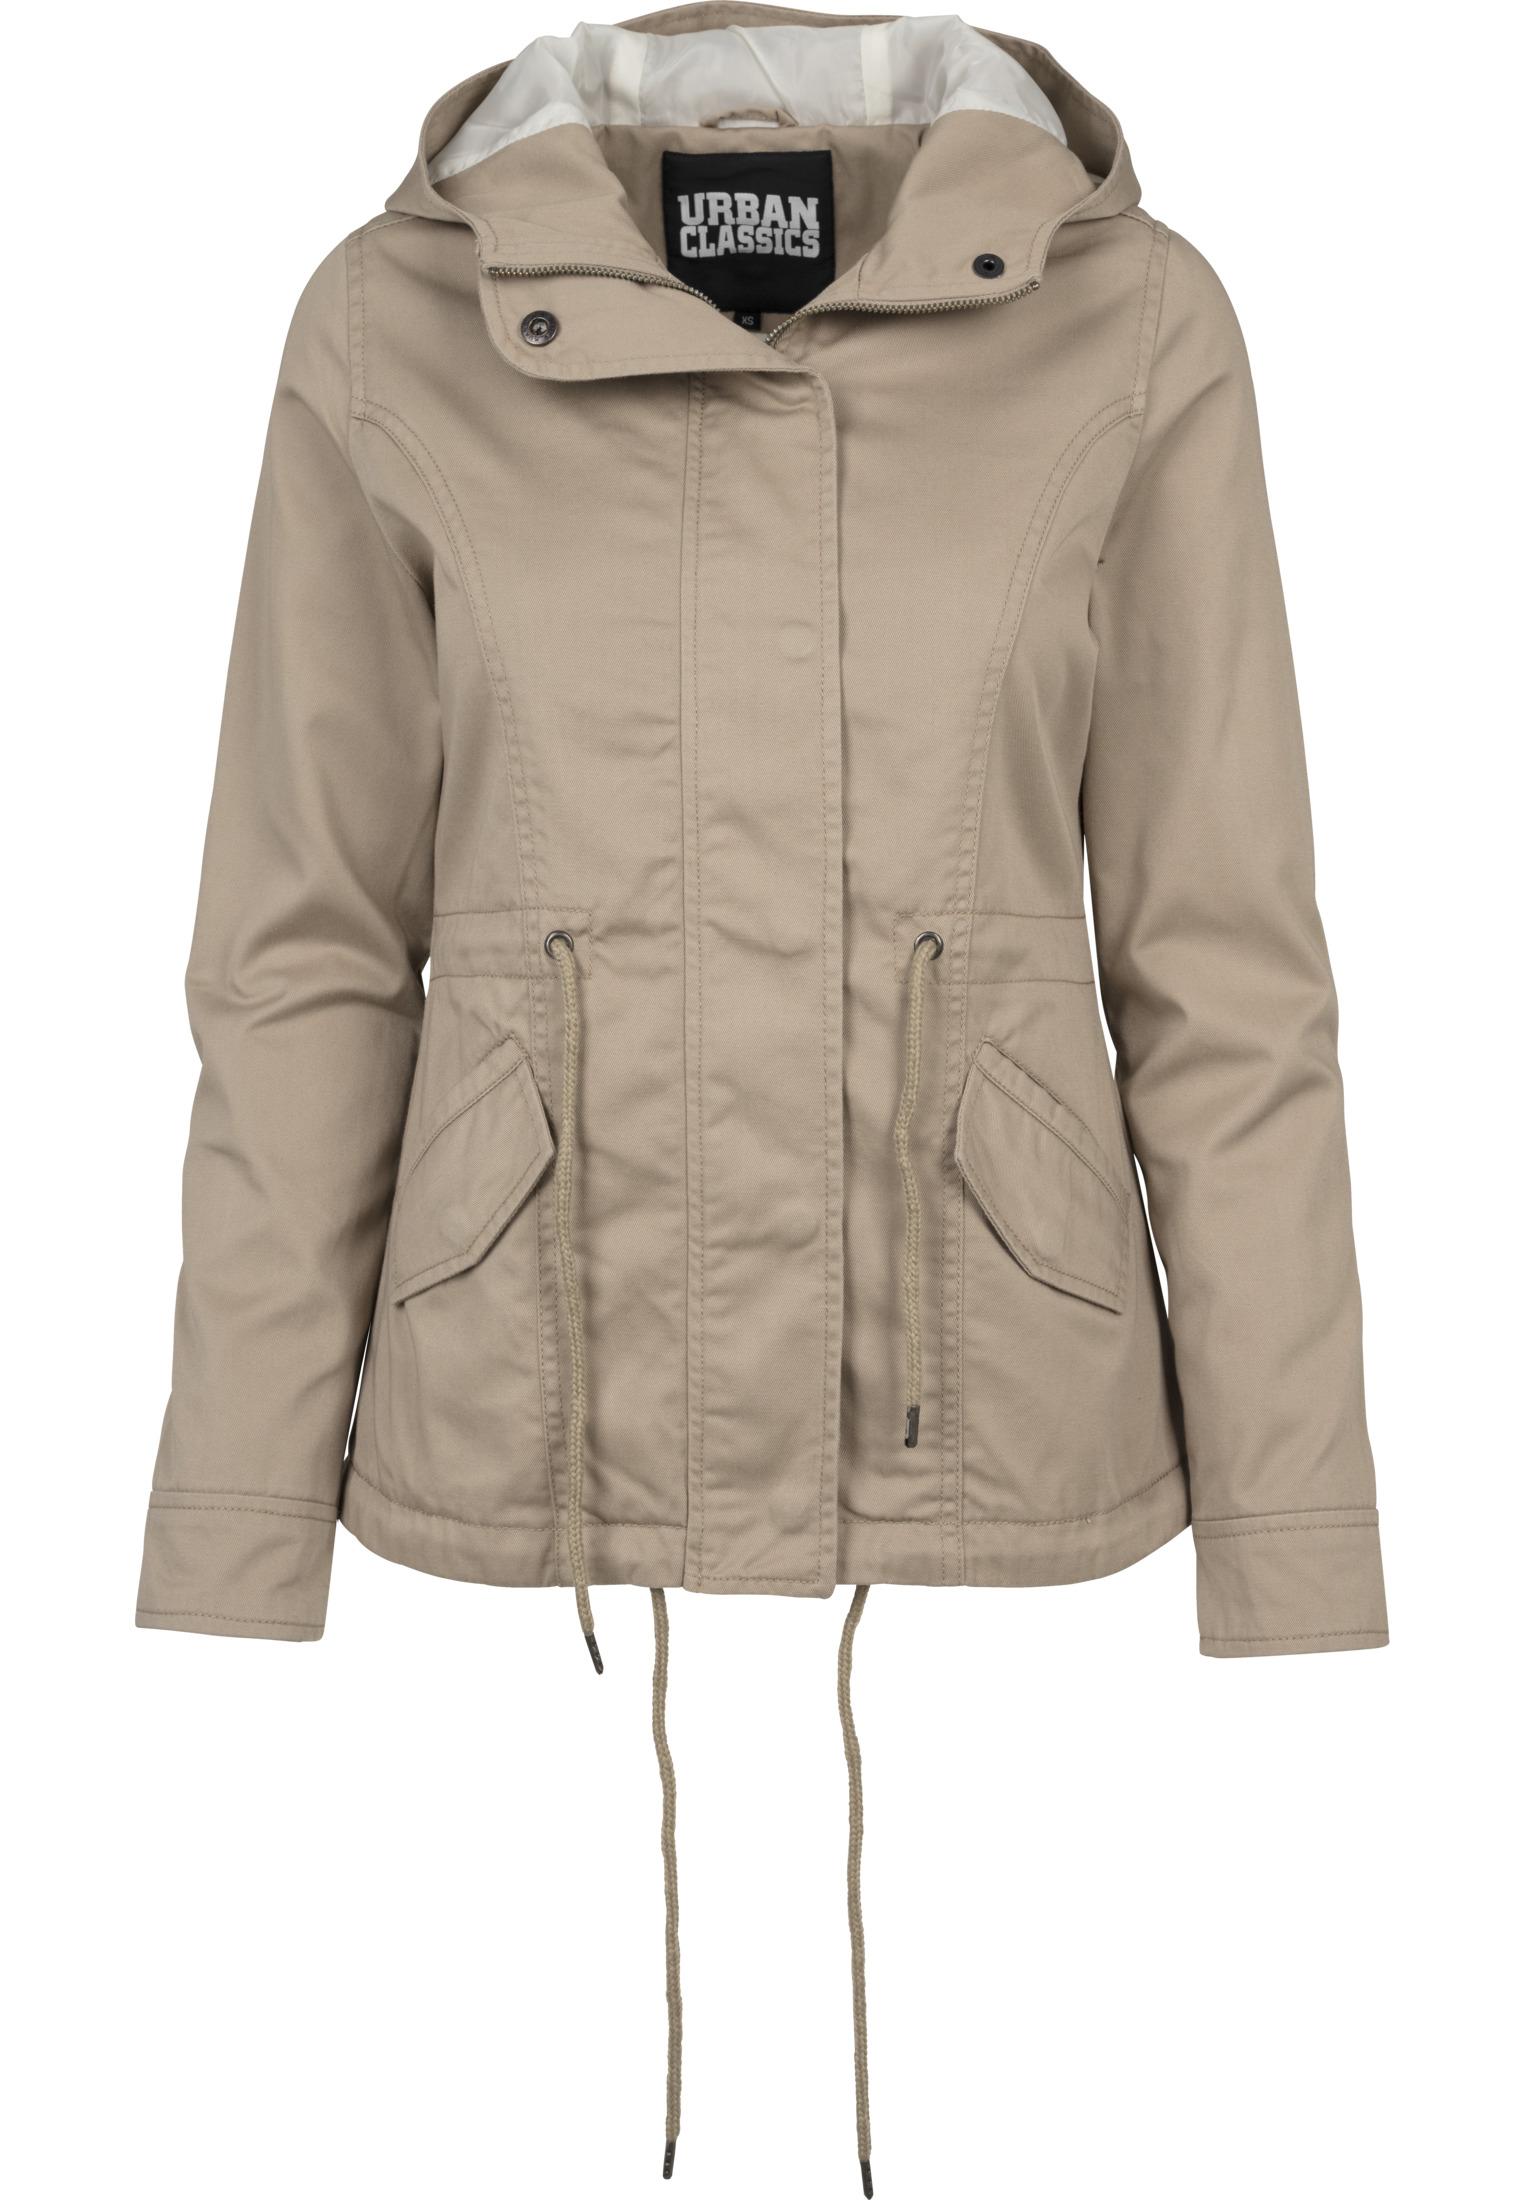 f1e02bd479fedd Urban Classics Ladies Basic Cotton Parka Damen Jacke | eBay